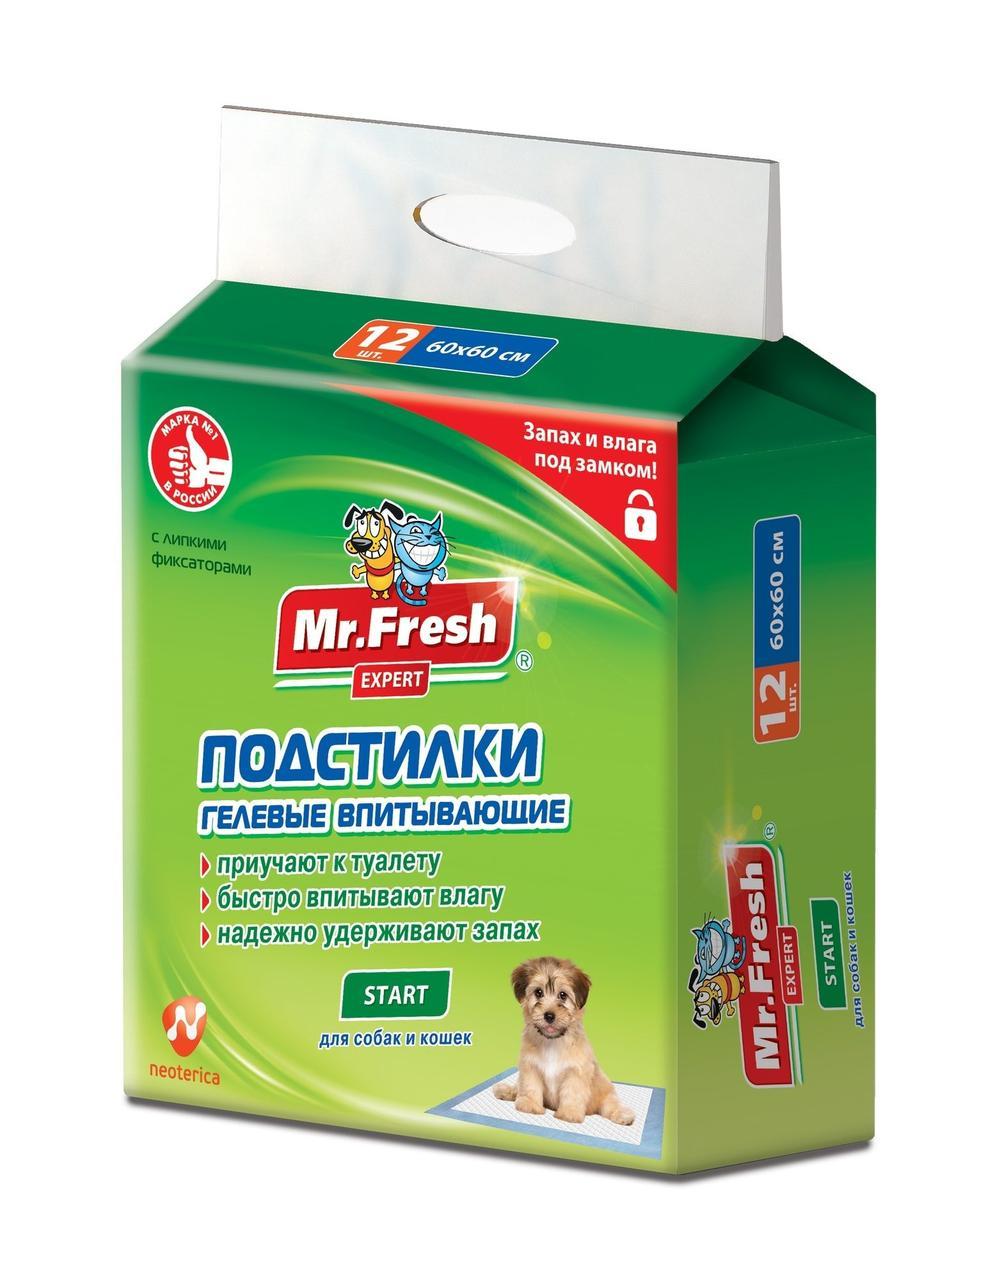 Пелёнки для животных Mr.Fresh Expert 60*60 см, 12 шт.